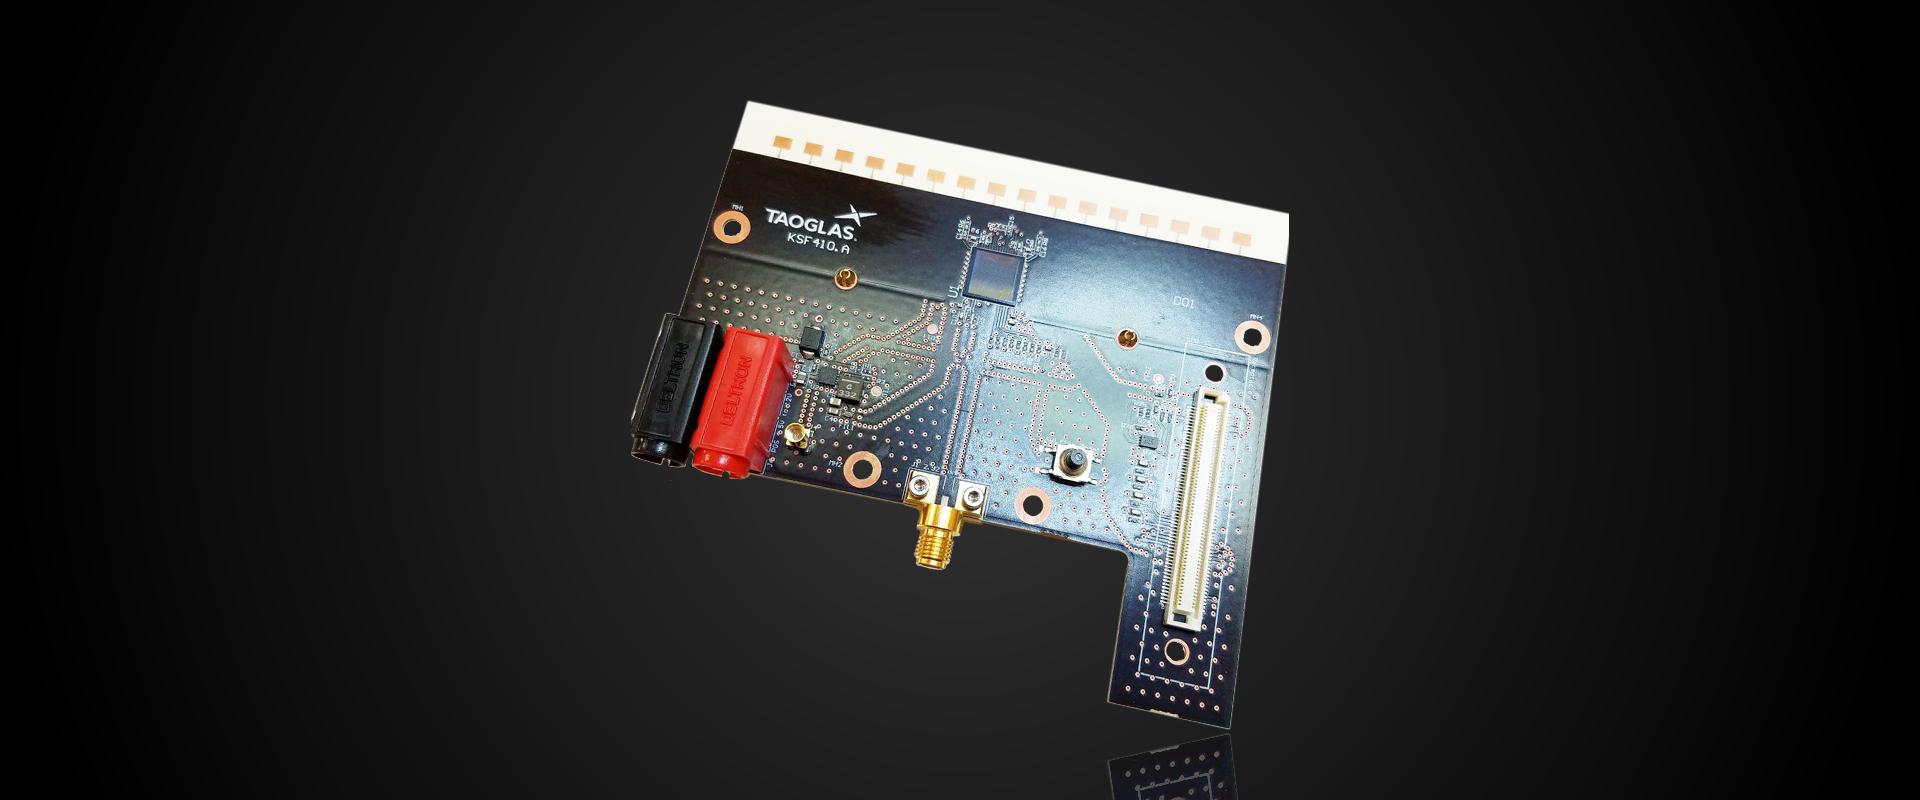 陶格斯推出 5G NR 波速控制网关天线